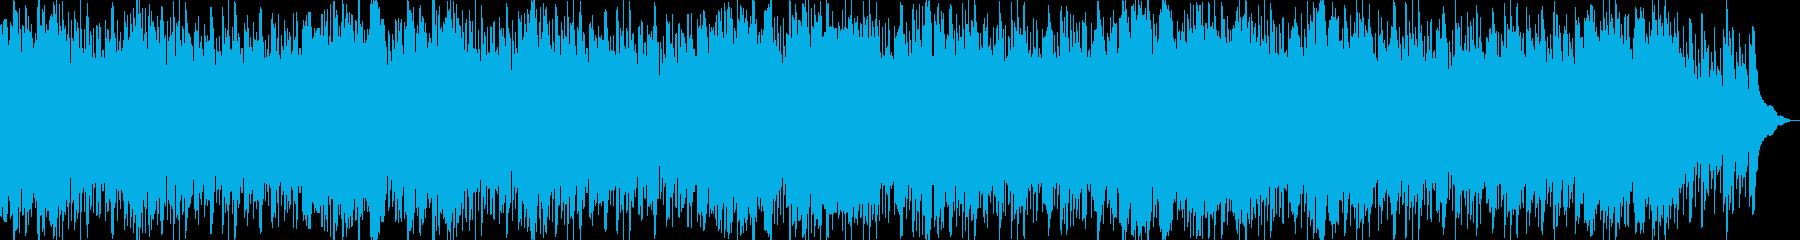 優しい笛の音が奏でるリラクゼーションの再生済みの波形